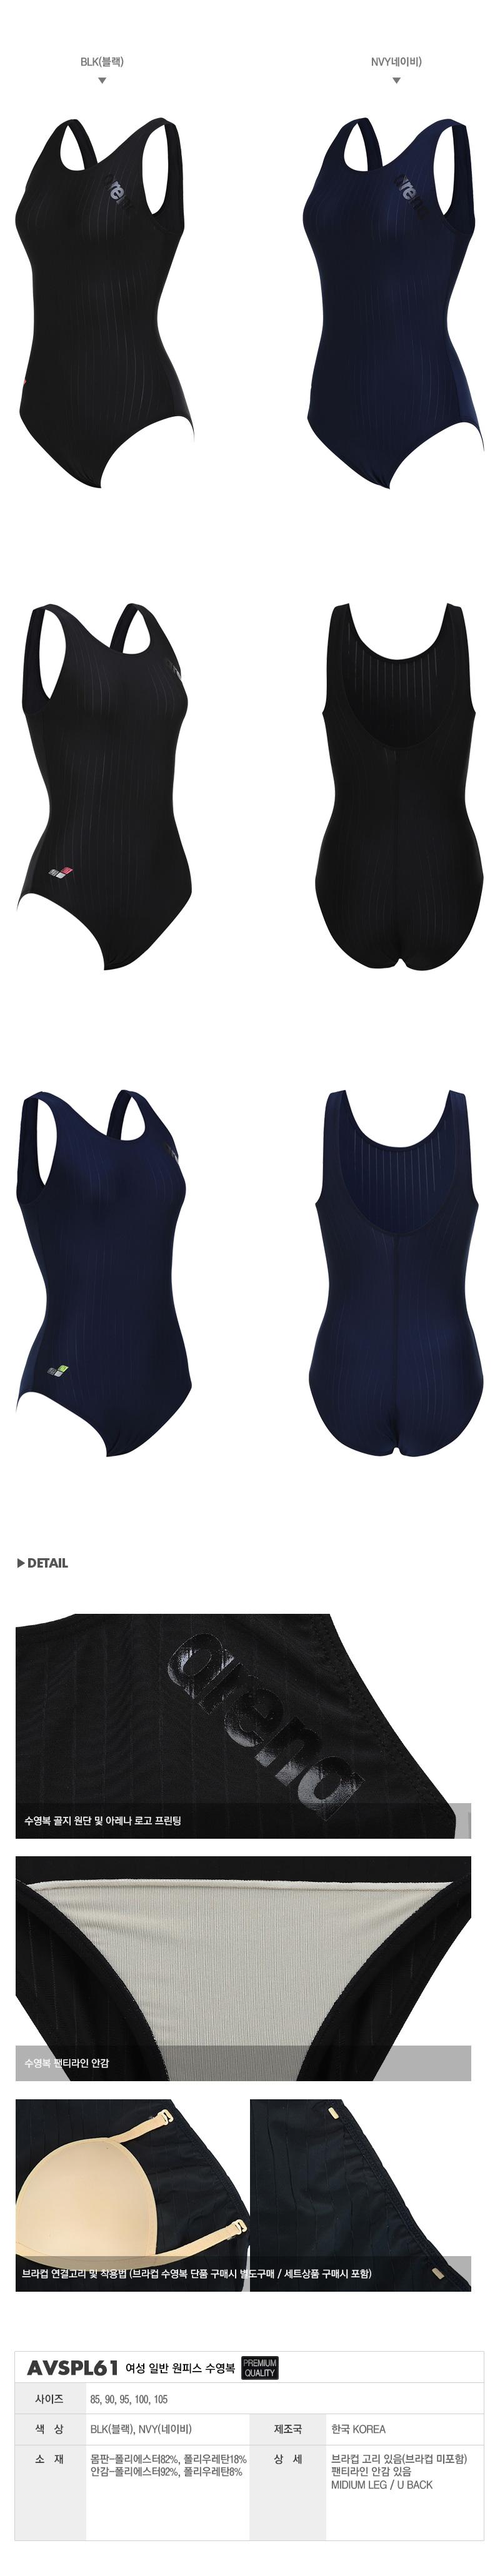 아레나(ARENA) 여성 일반 원피스 수영복 AVSPL61NVY